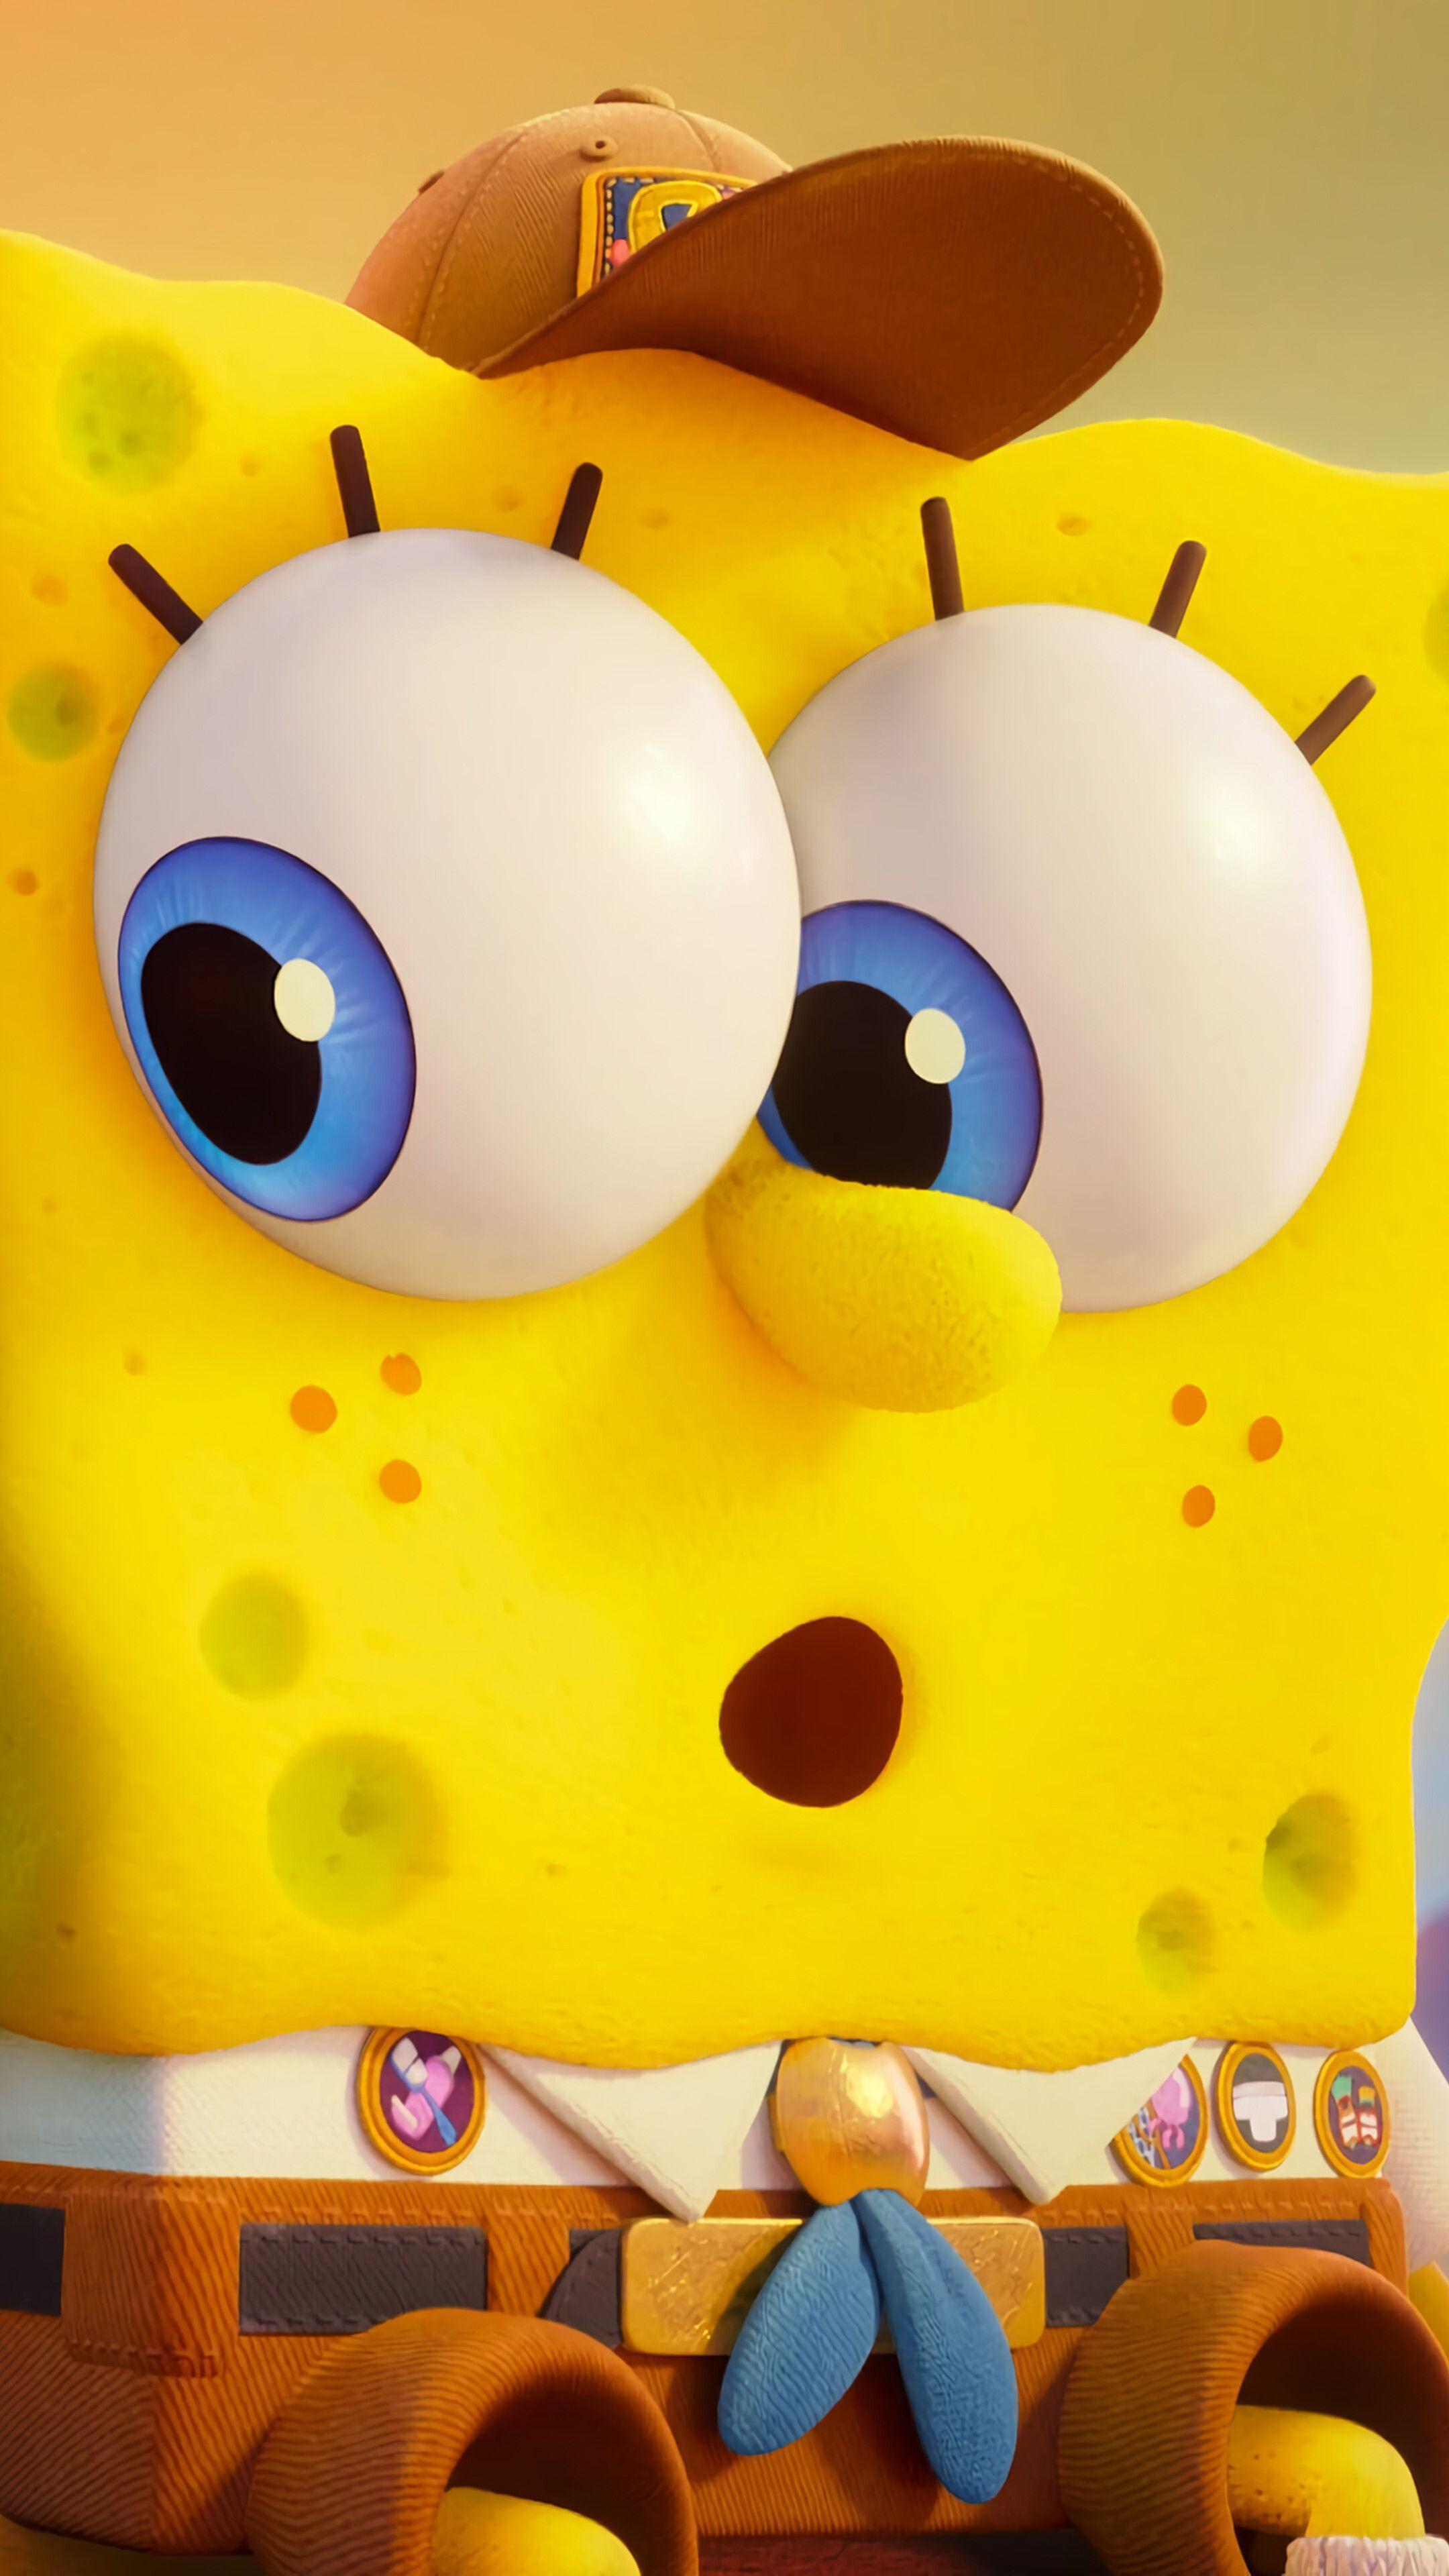 Spongebob iPhone Wallpapers - Wallpaper Cave